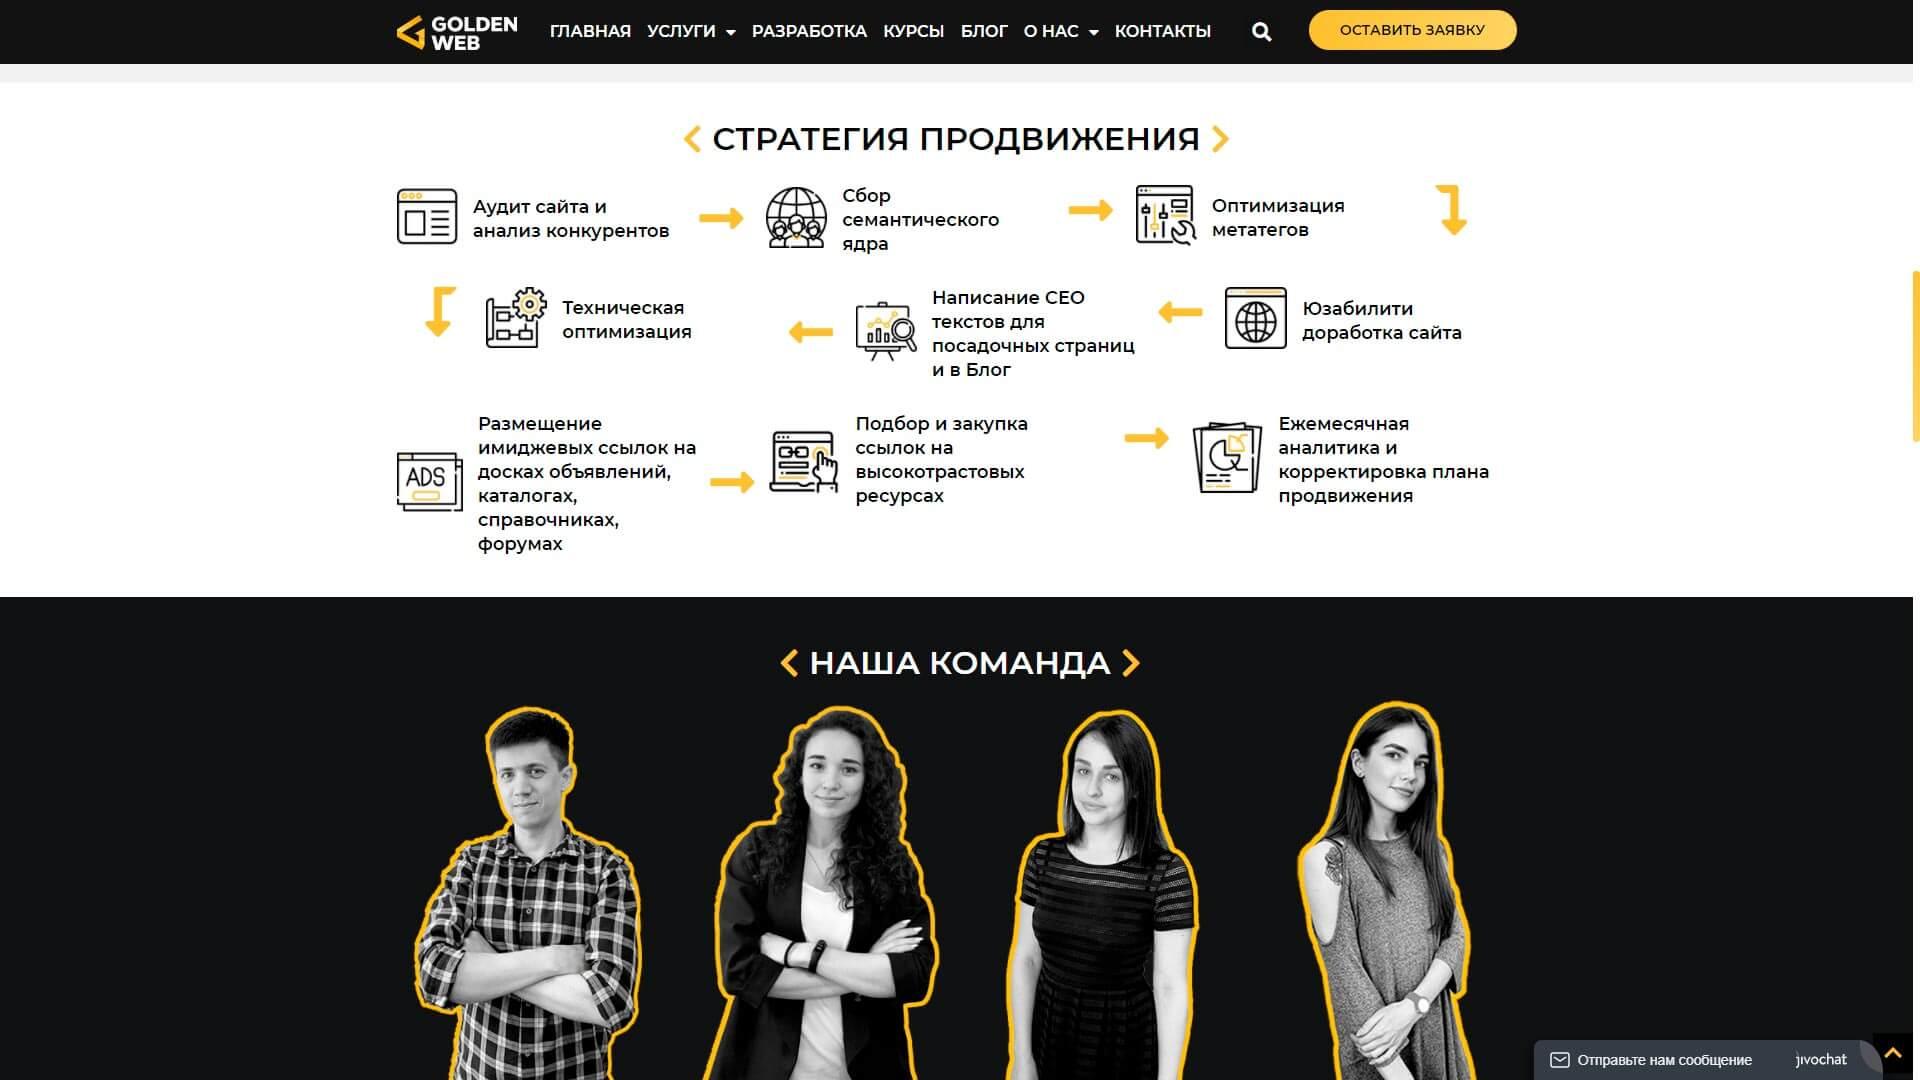 GoldenWeb - обзор компании, услуги, отзывы, клиенты, Фото № 2 - google-seo.pro